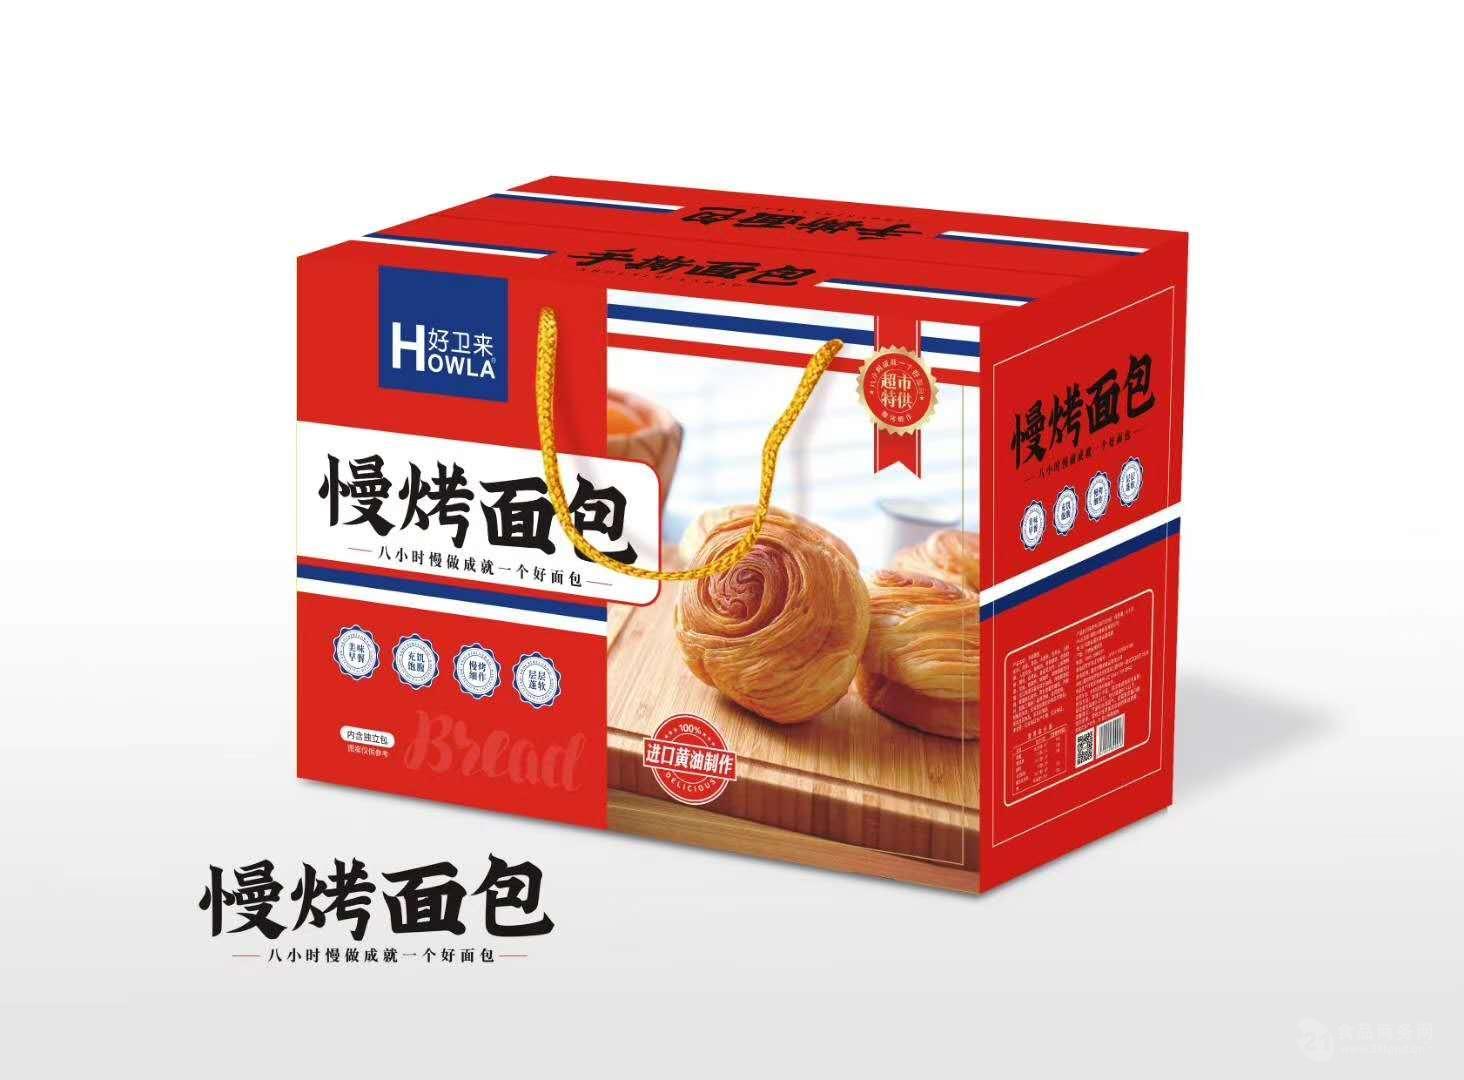 好未来慢烤面包 手提礼盒 送礼佳品